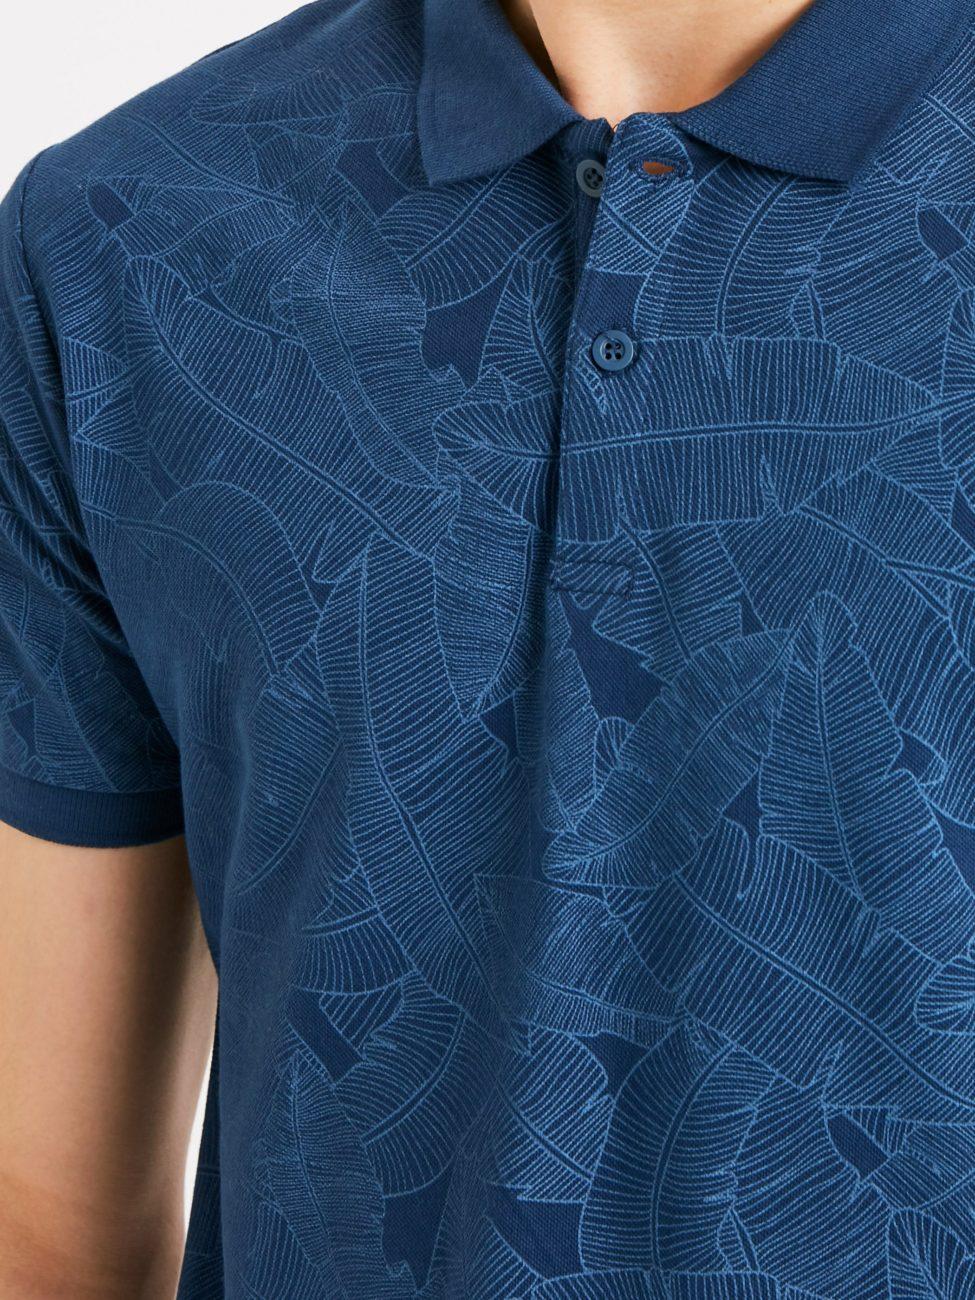 Soldes LC Waikiki Maroc T-Shirt homme 89Dhs au lieu de 119Dhs